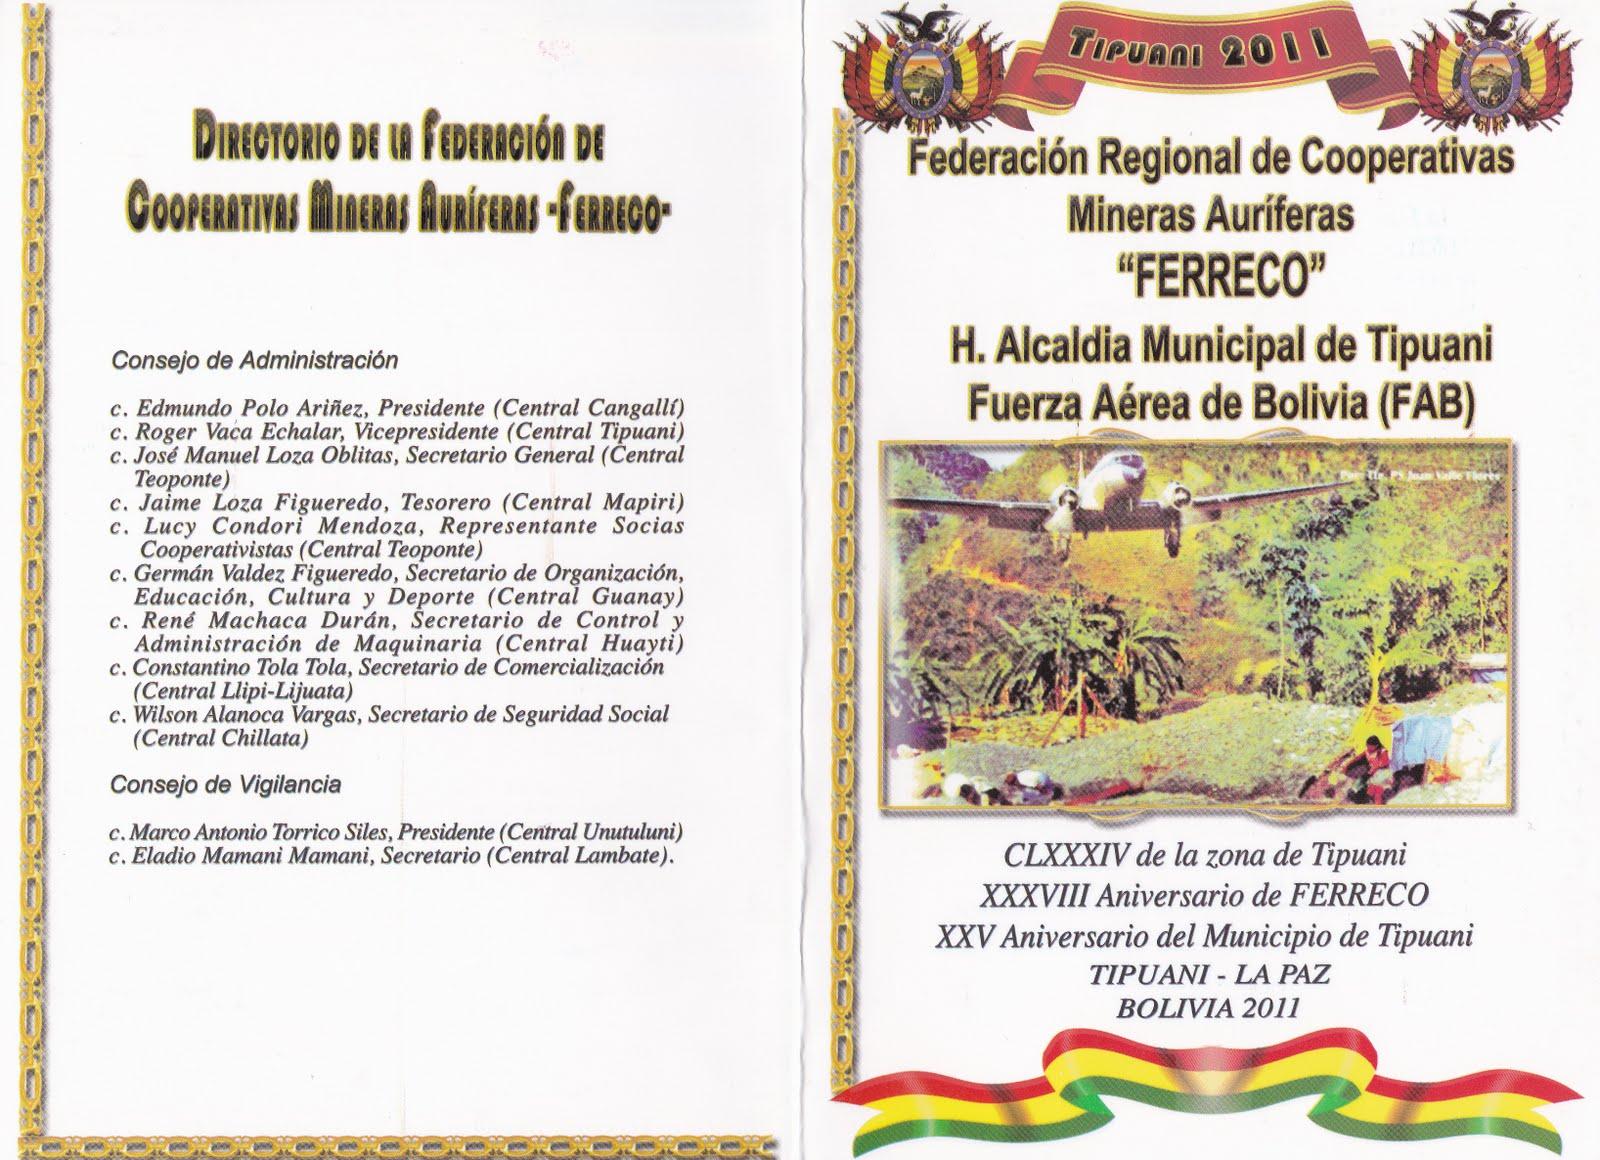 acto civico militar en tipuani invitaciÓn y programa para el acto